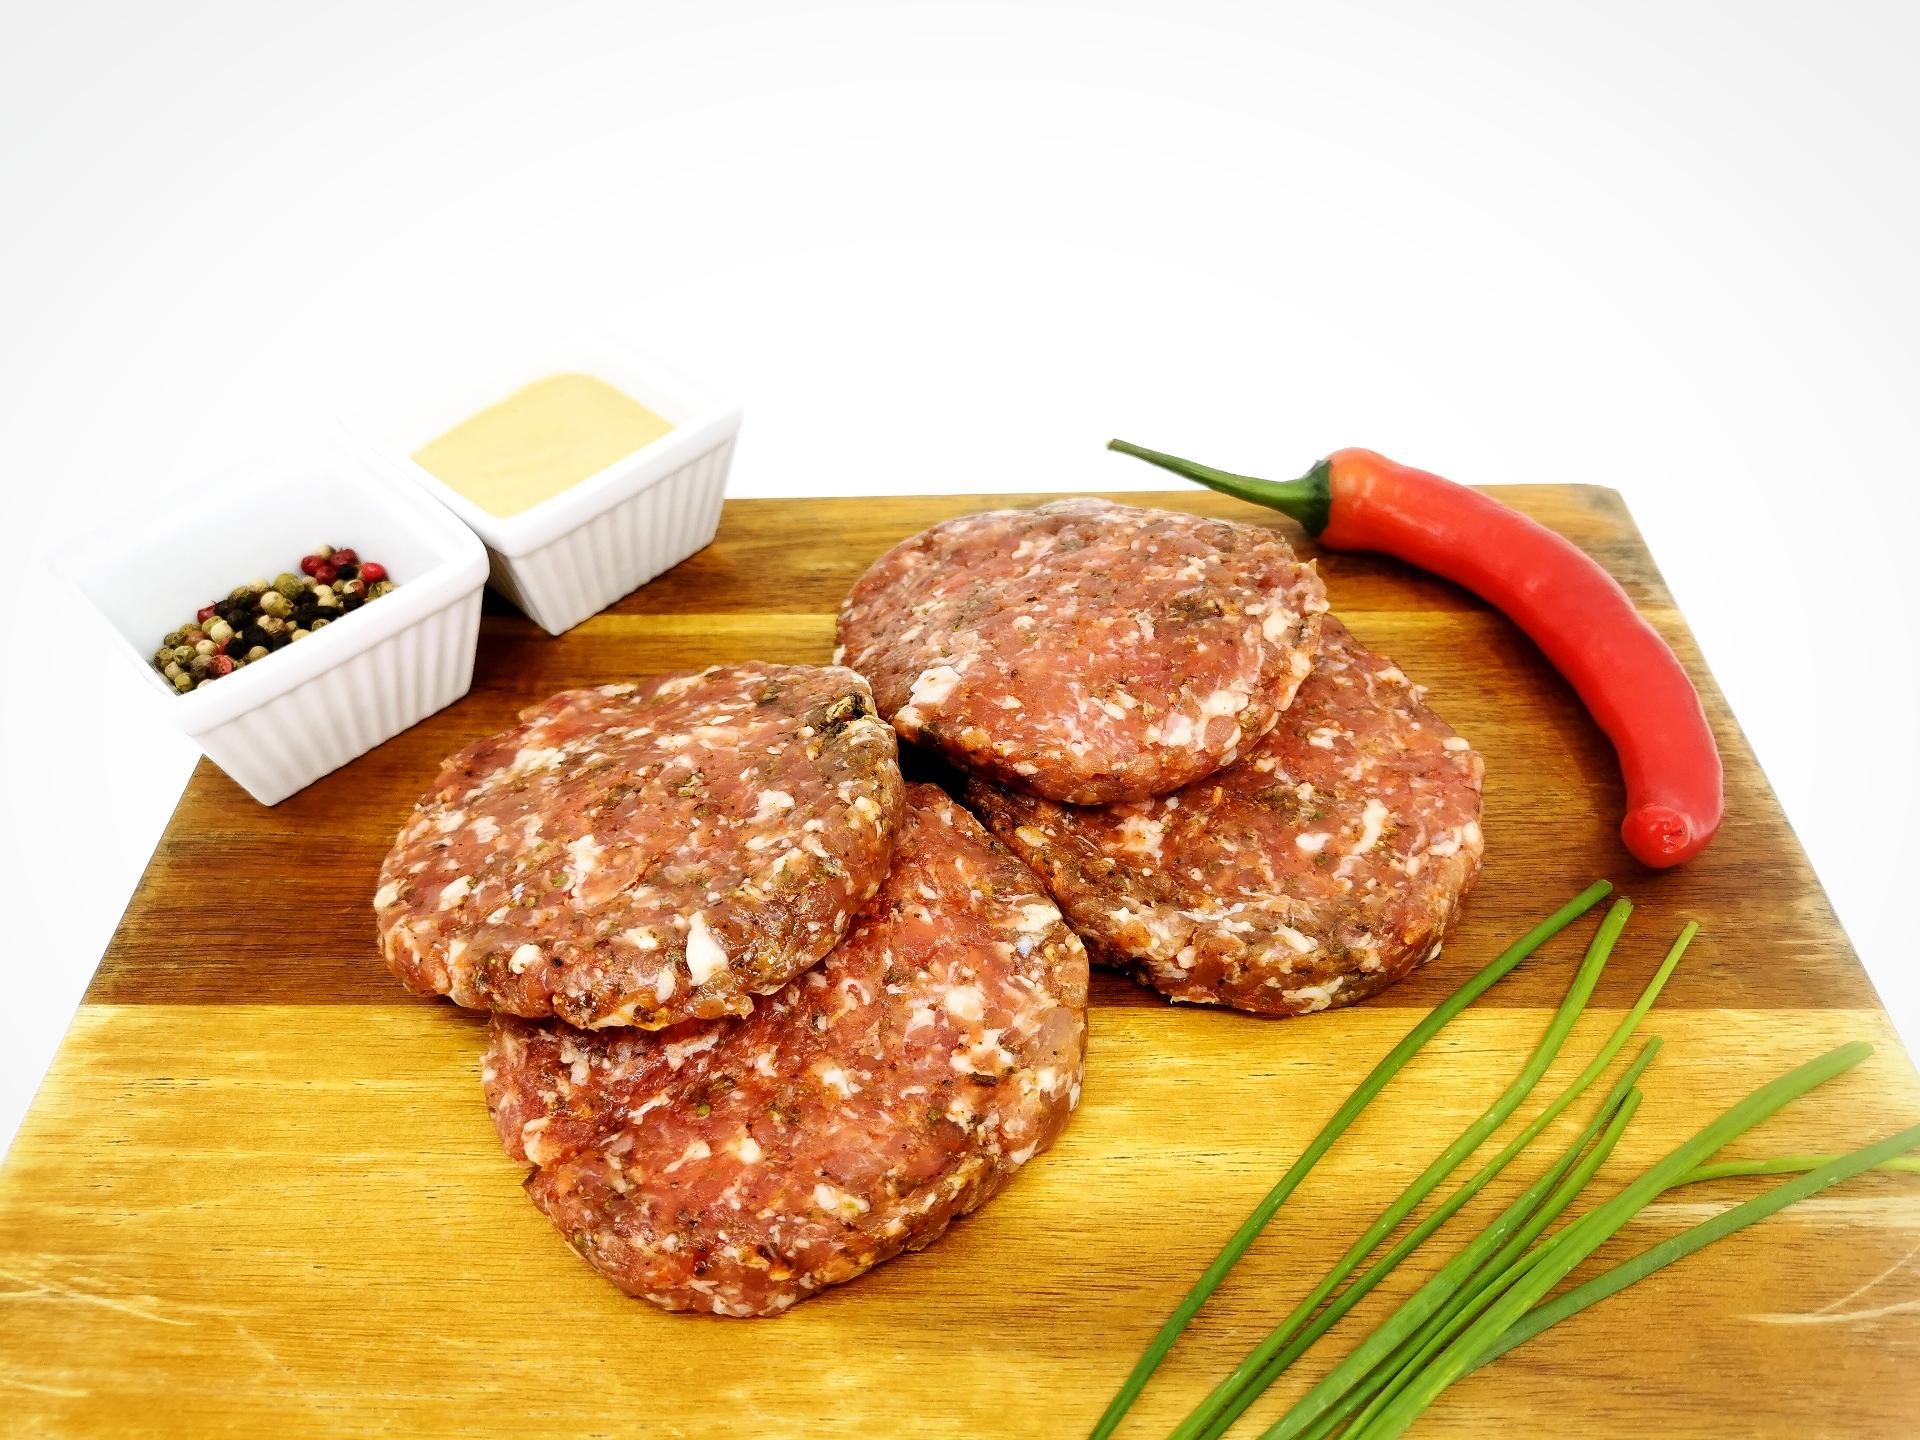 American spicy sausage patty 360g / Americké pikantní masové placičky 360g